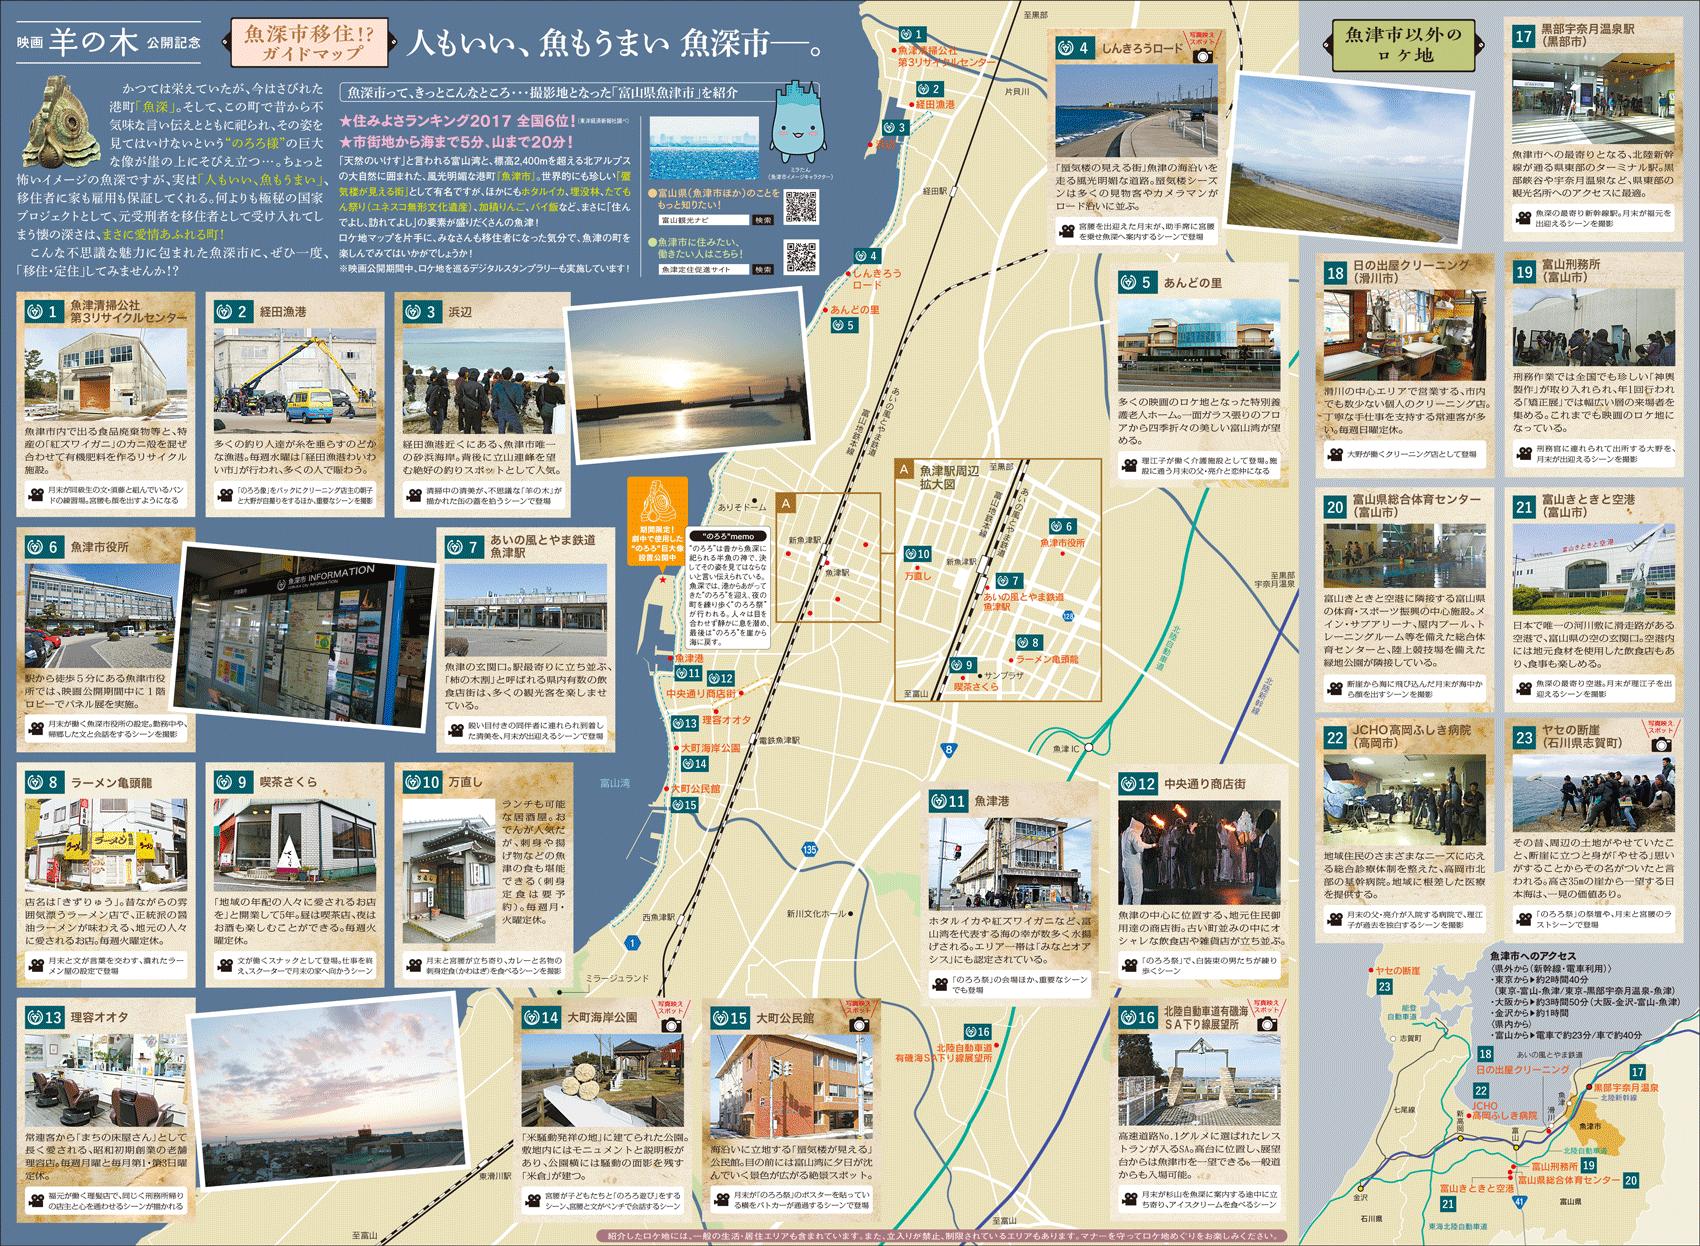 富山ロケの映画「羊の木」のロケ地マップ